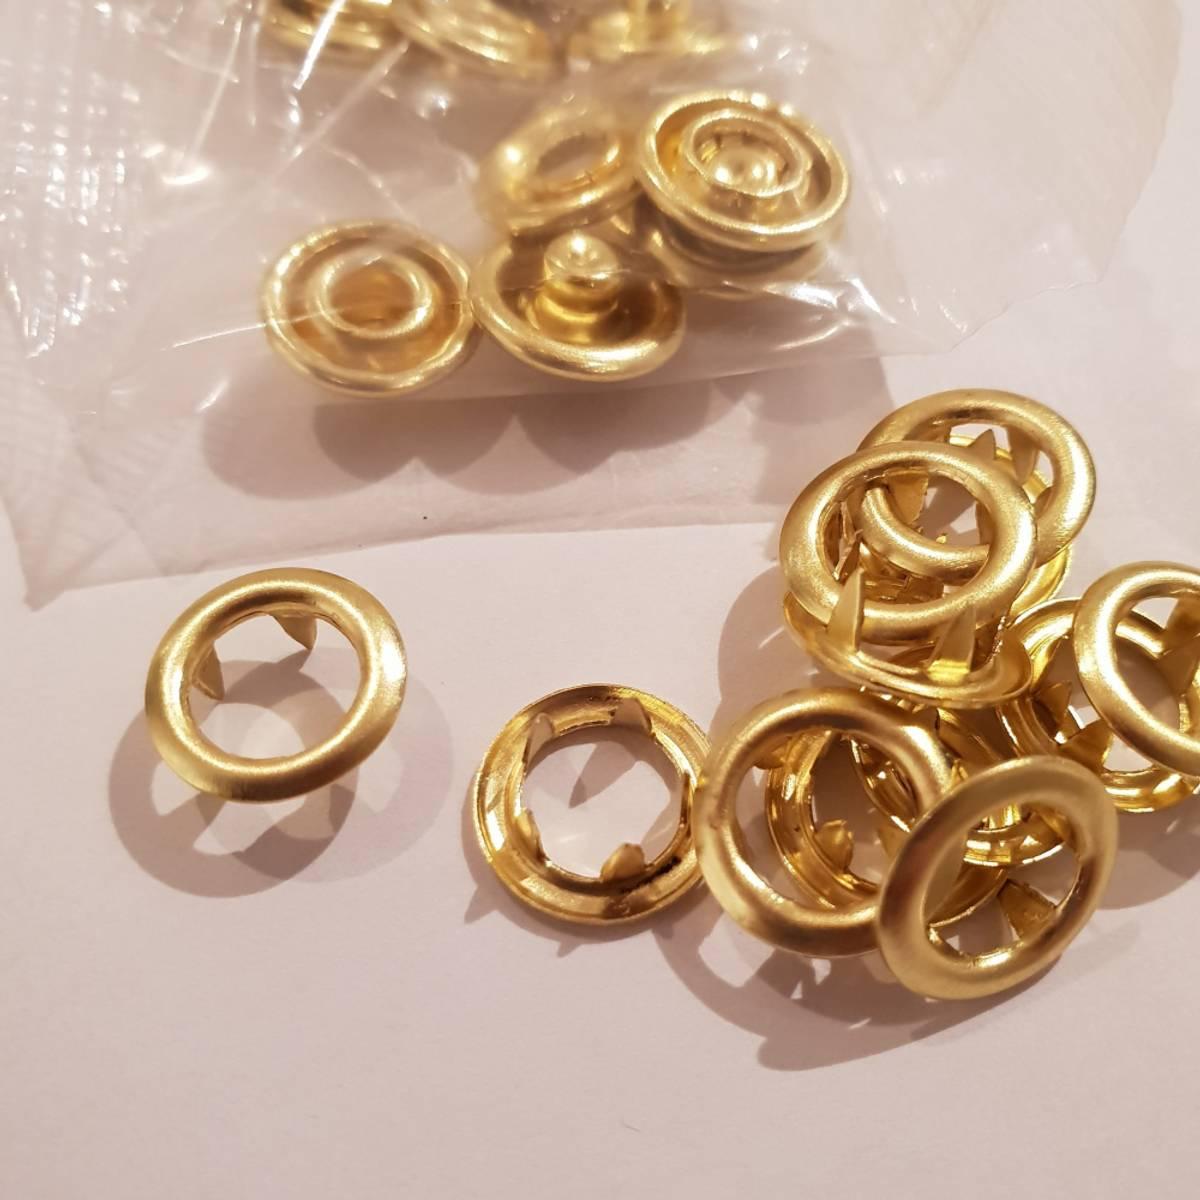 Metalltrykknapper gullfarvet